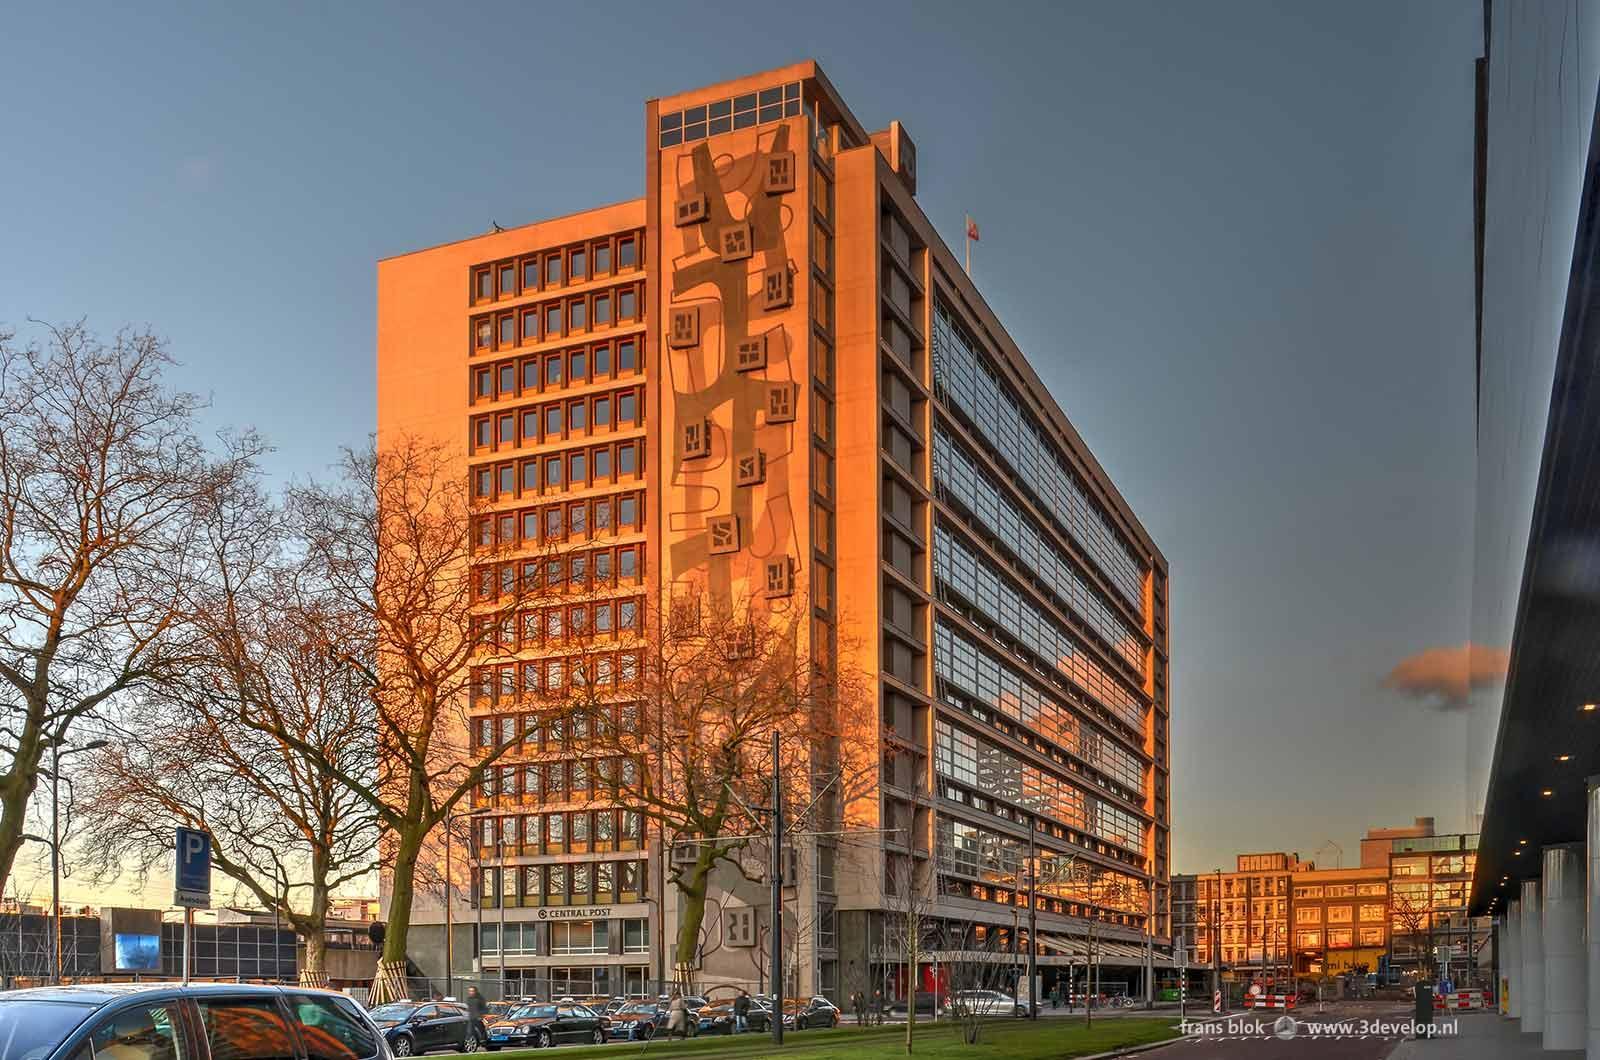 Het Stationspostkantoor, tegenwoordig Central Post, aan de Delftsestraat in Rotterdam, gefotografeerd tijdens het gouden uur